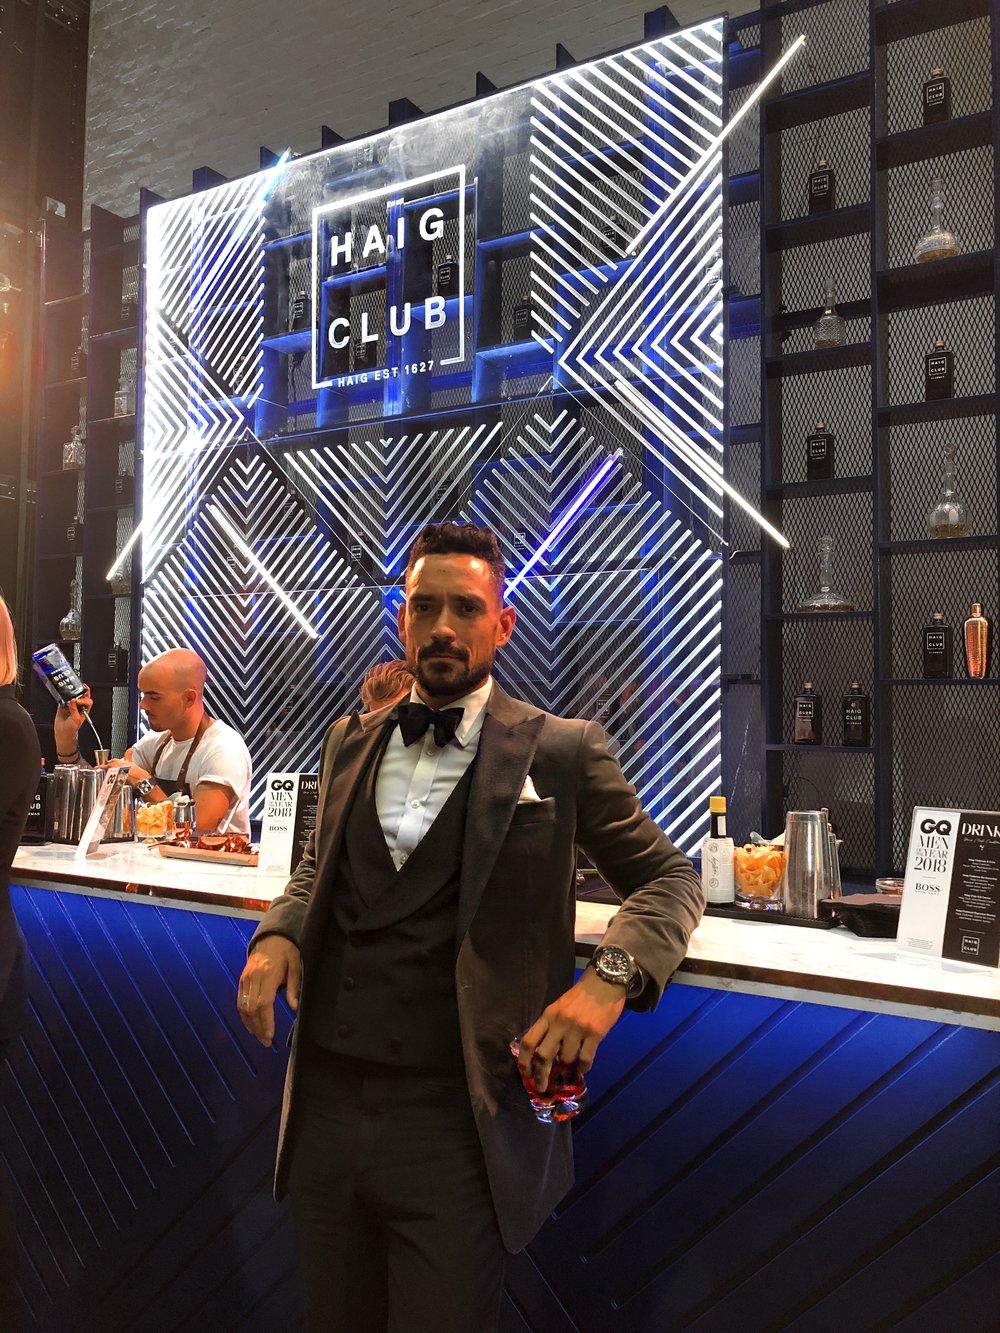 Carl Thompson x Haig Club x GQ MOTY 2018.JPG